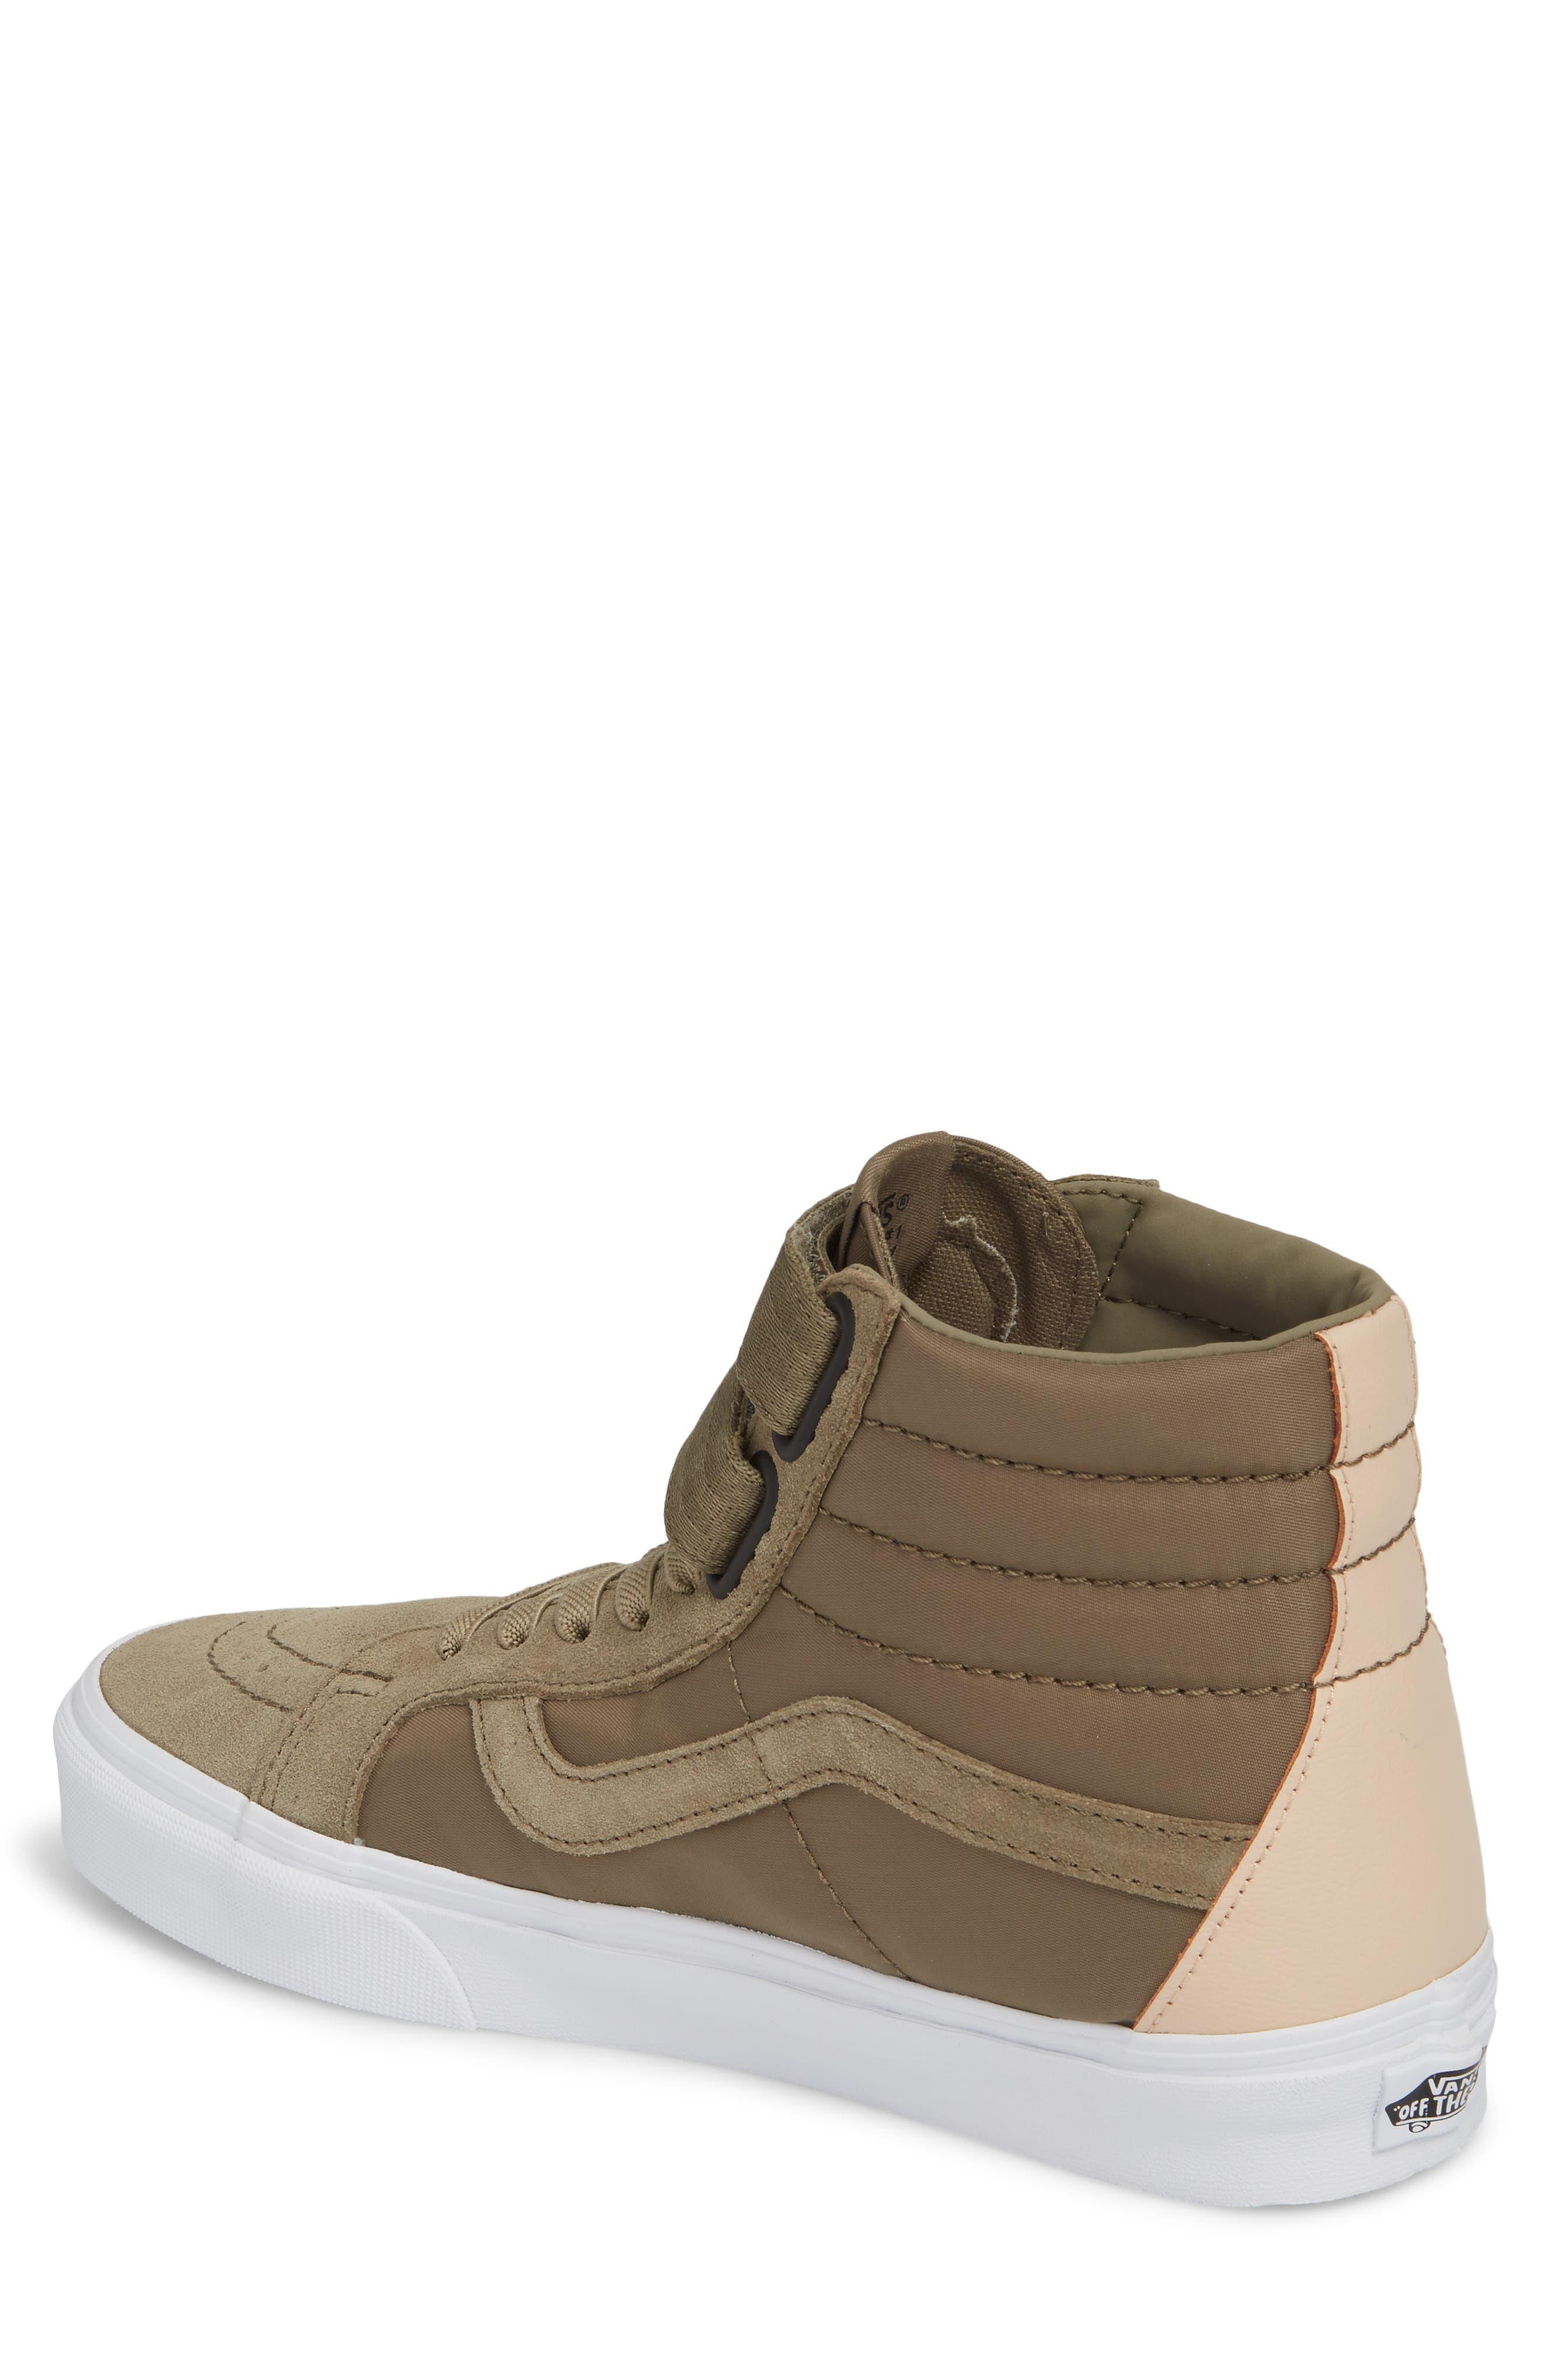 Sk8-Hi Reissue V Sneaker,                             Alternate thumbnail 2, color,                             Dusky Green Leather